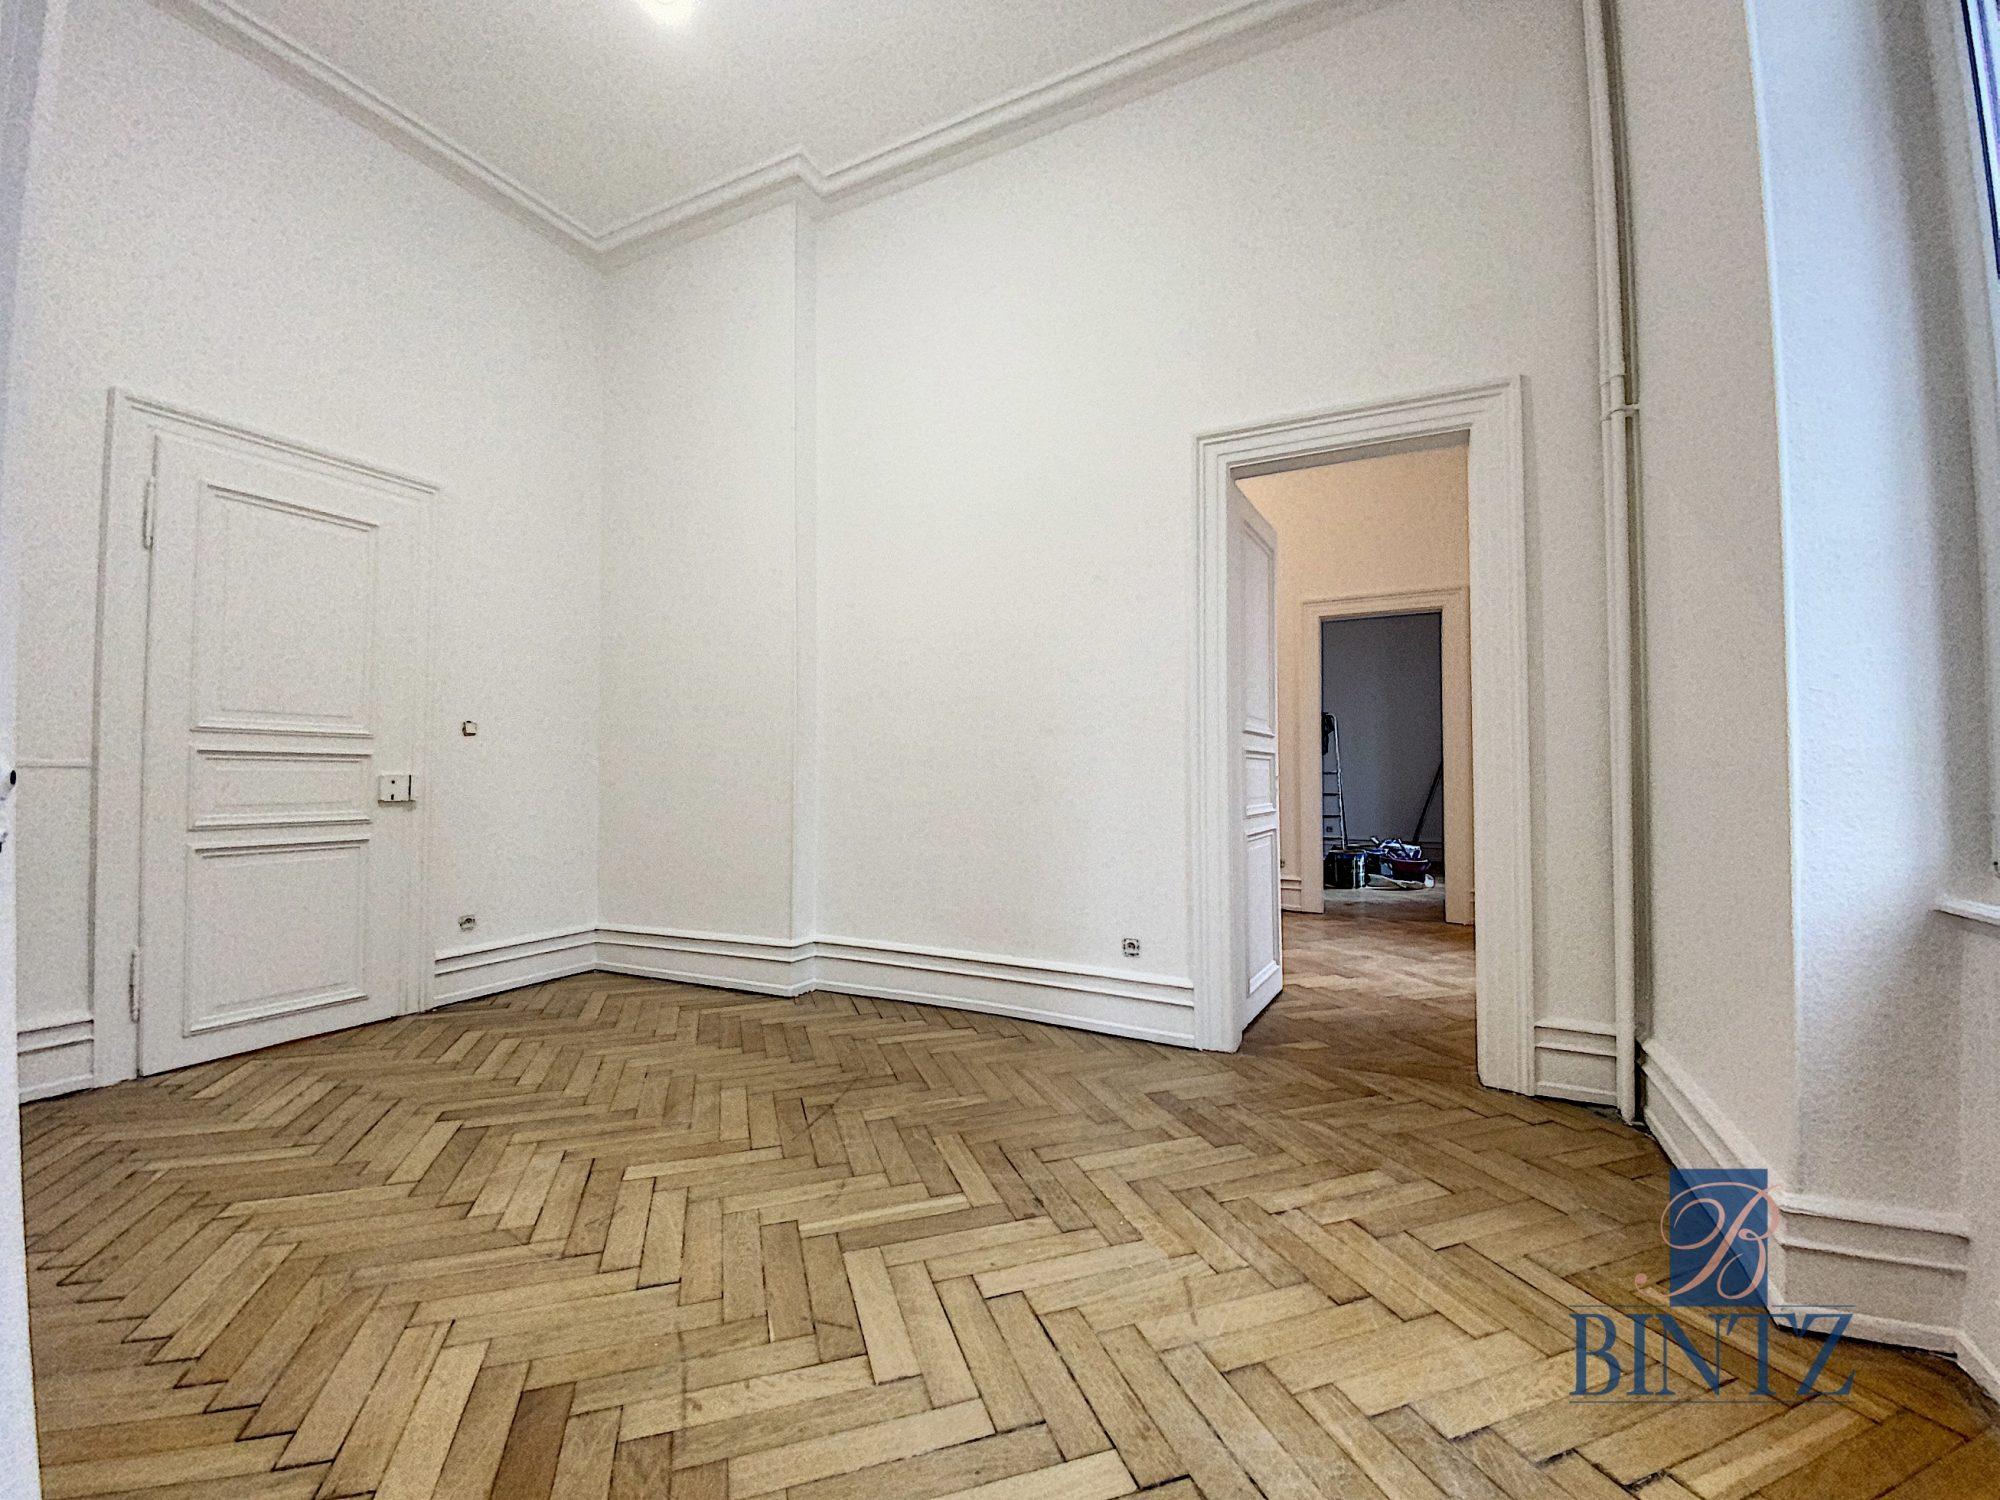 5 pièces rue Wimpheling - Devenez locataire en toute sérénité - Bintz Immobilier - 16